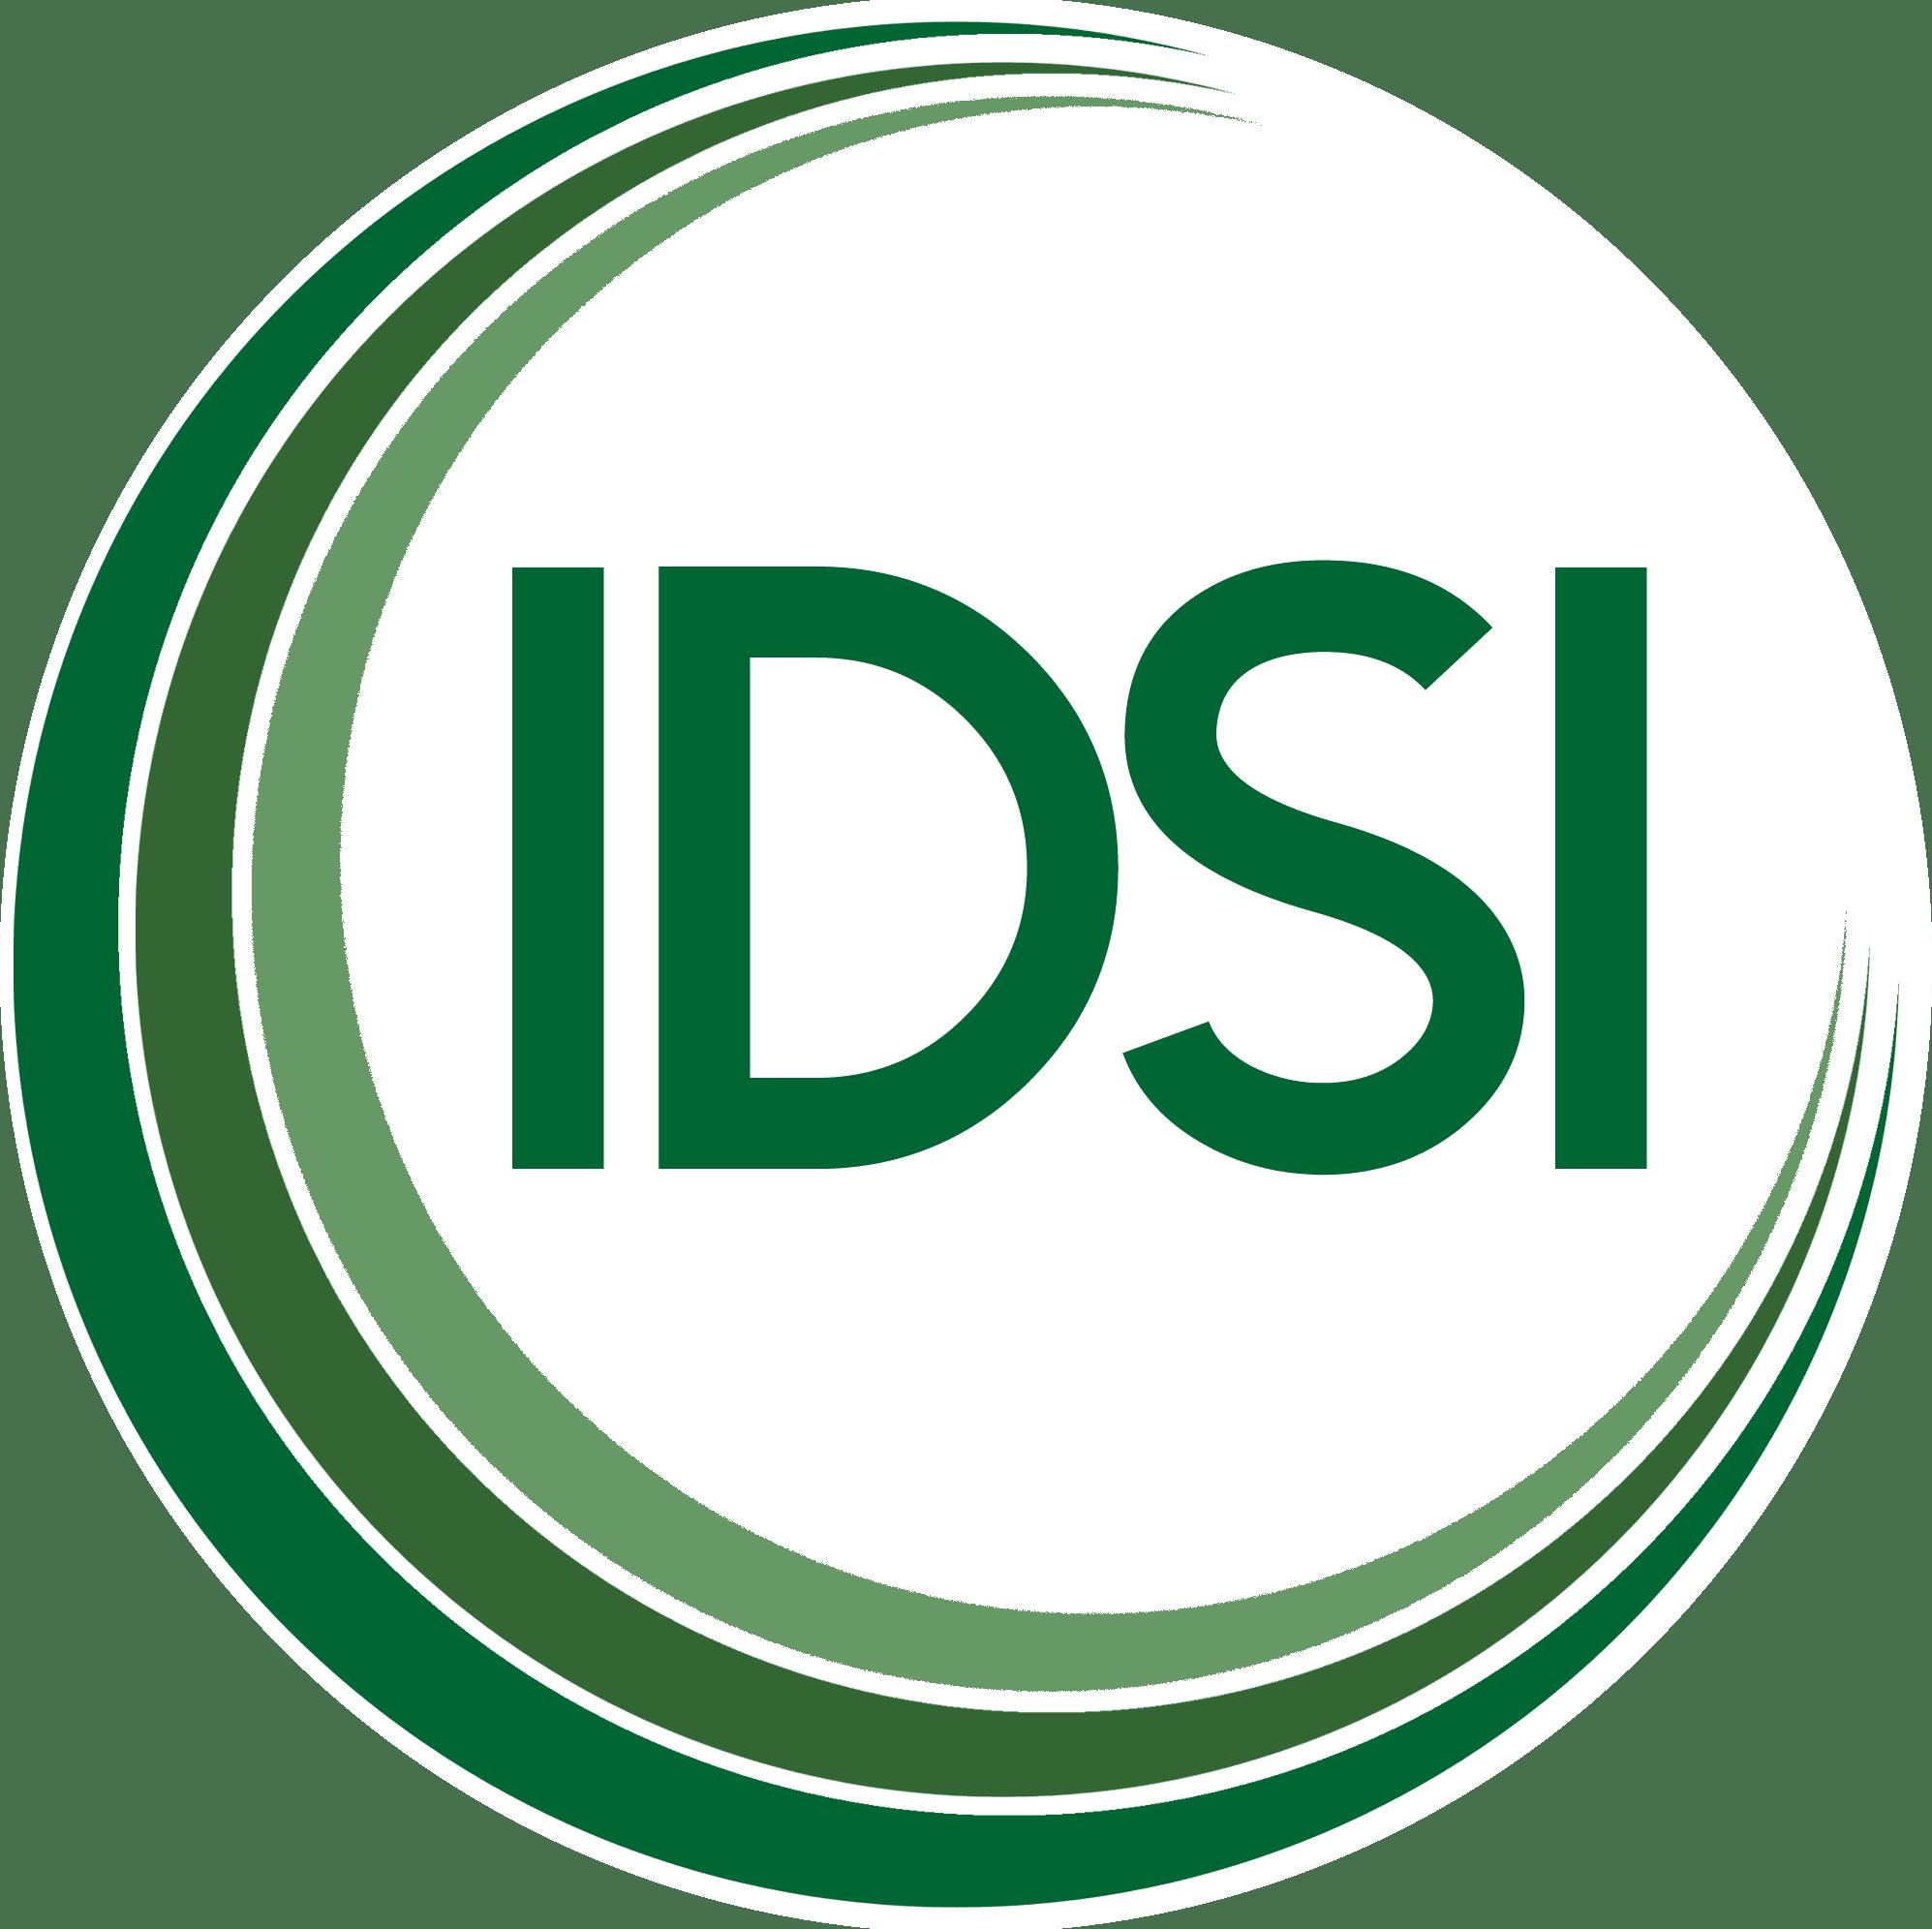 Integrated Development Studies Institute